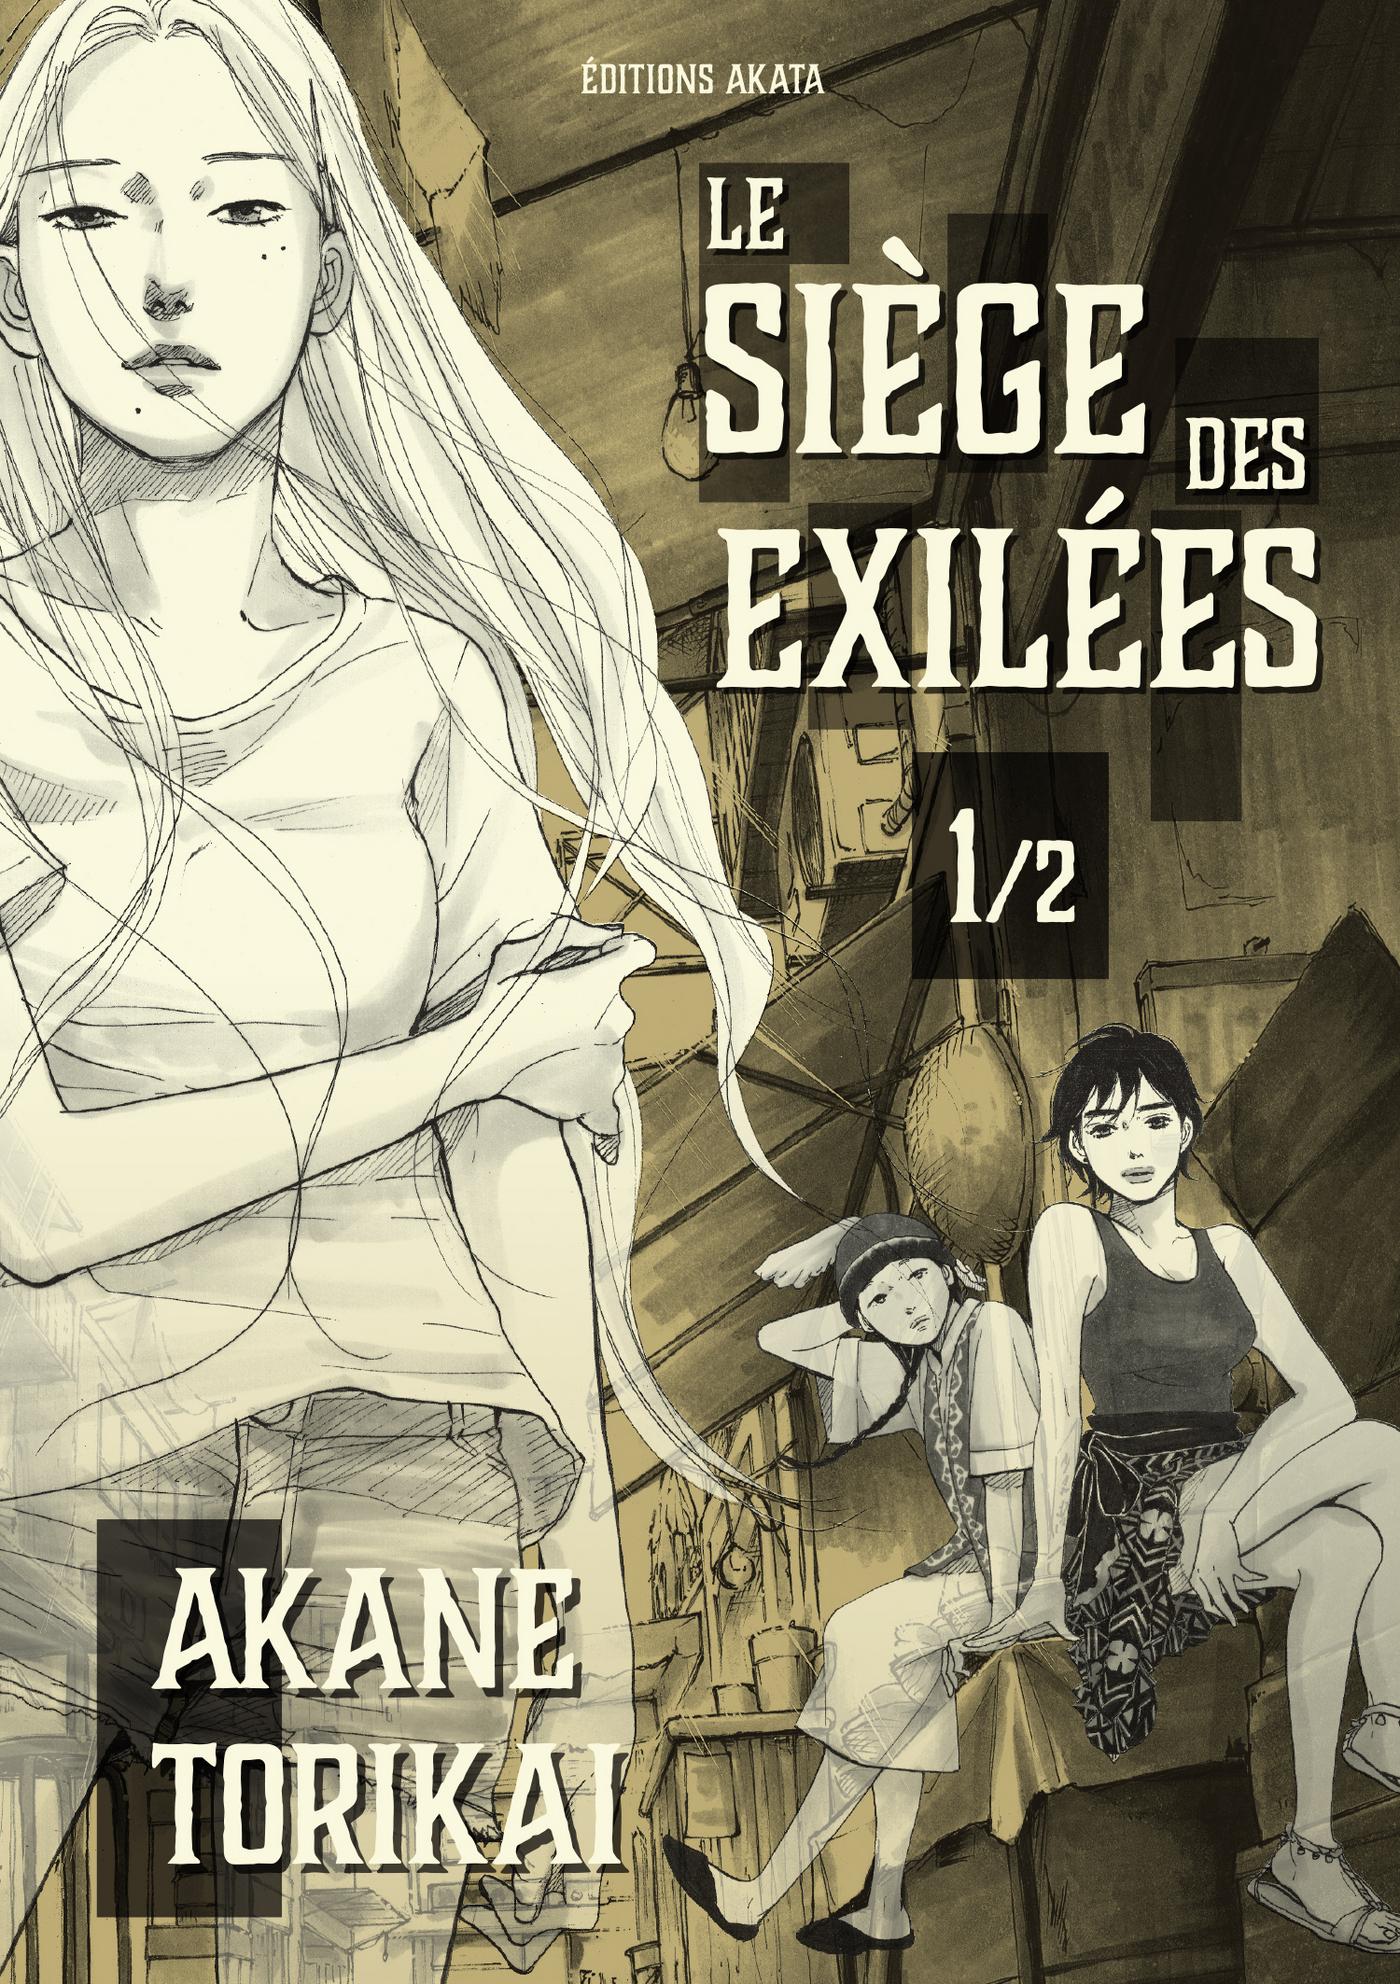 Le Siège des Exilées 1